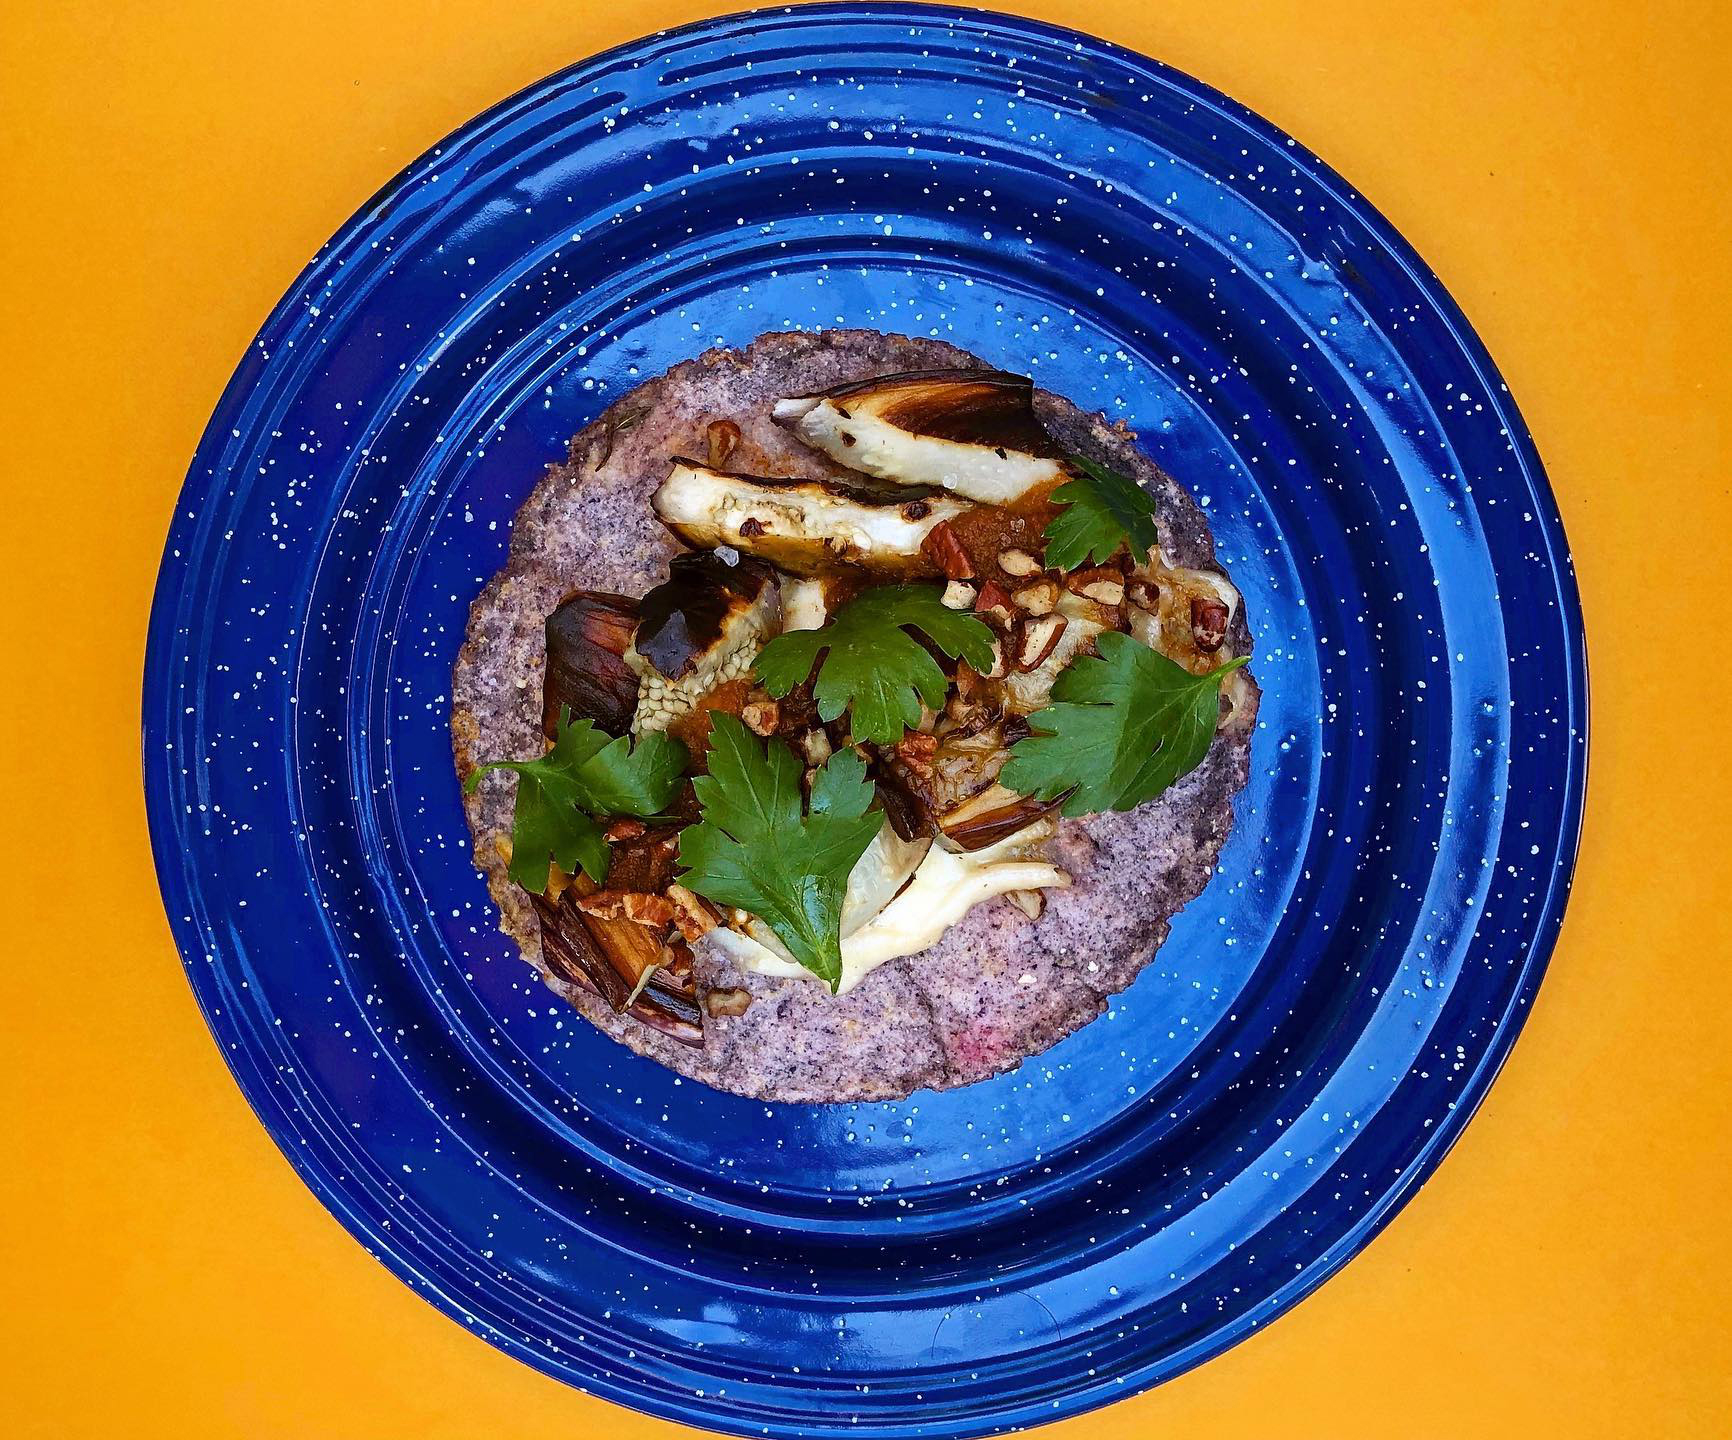 The eggplant taco from Nixta Taqueria